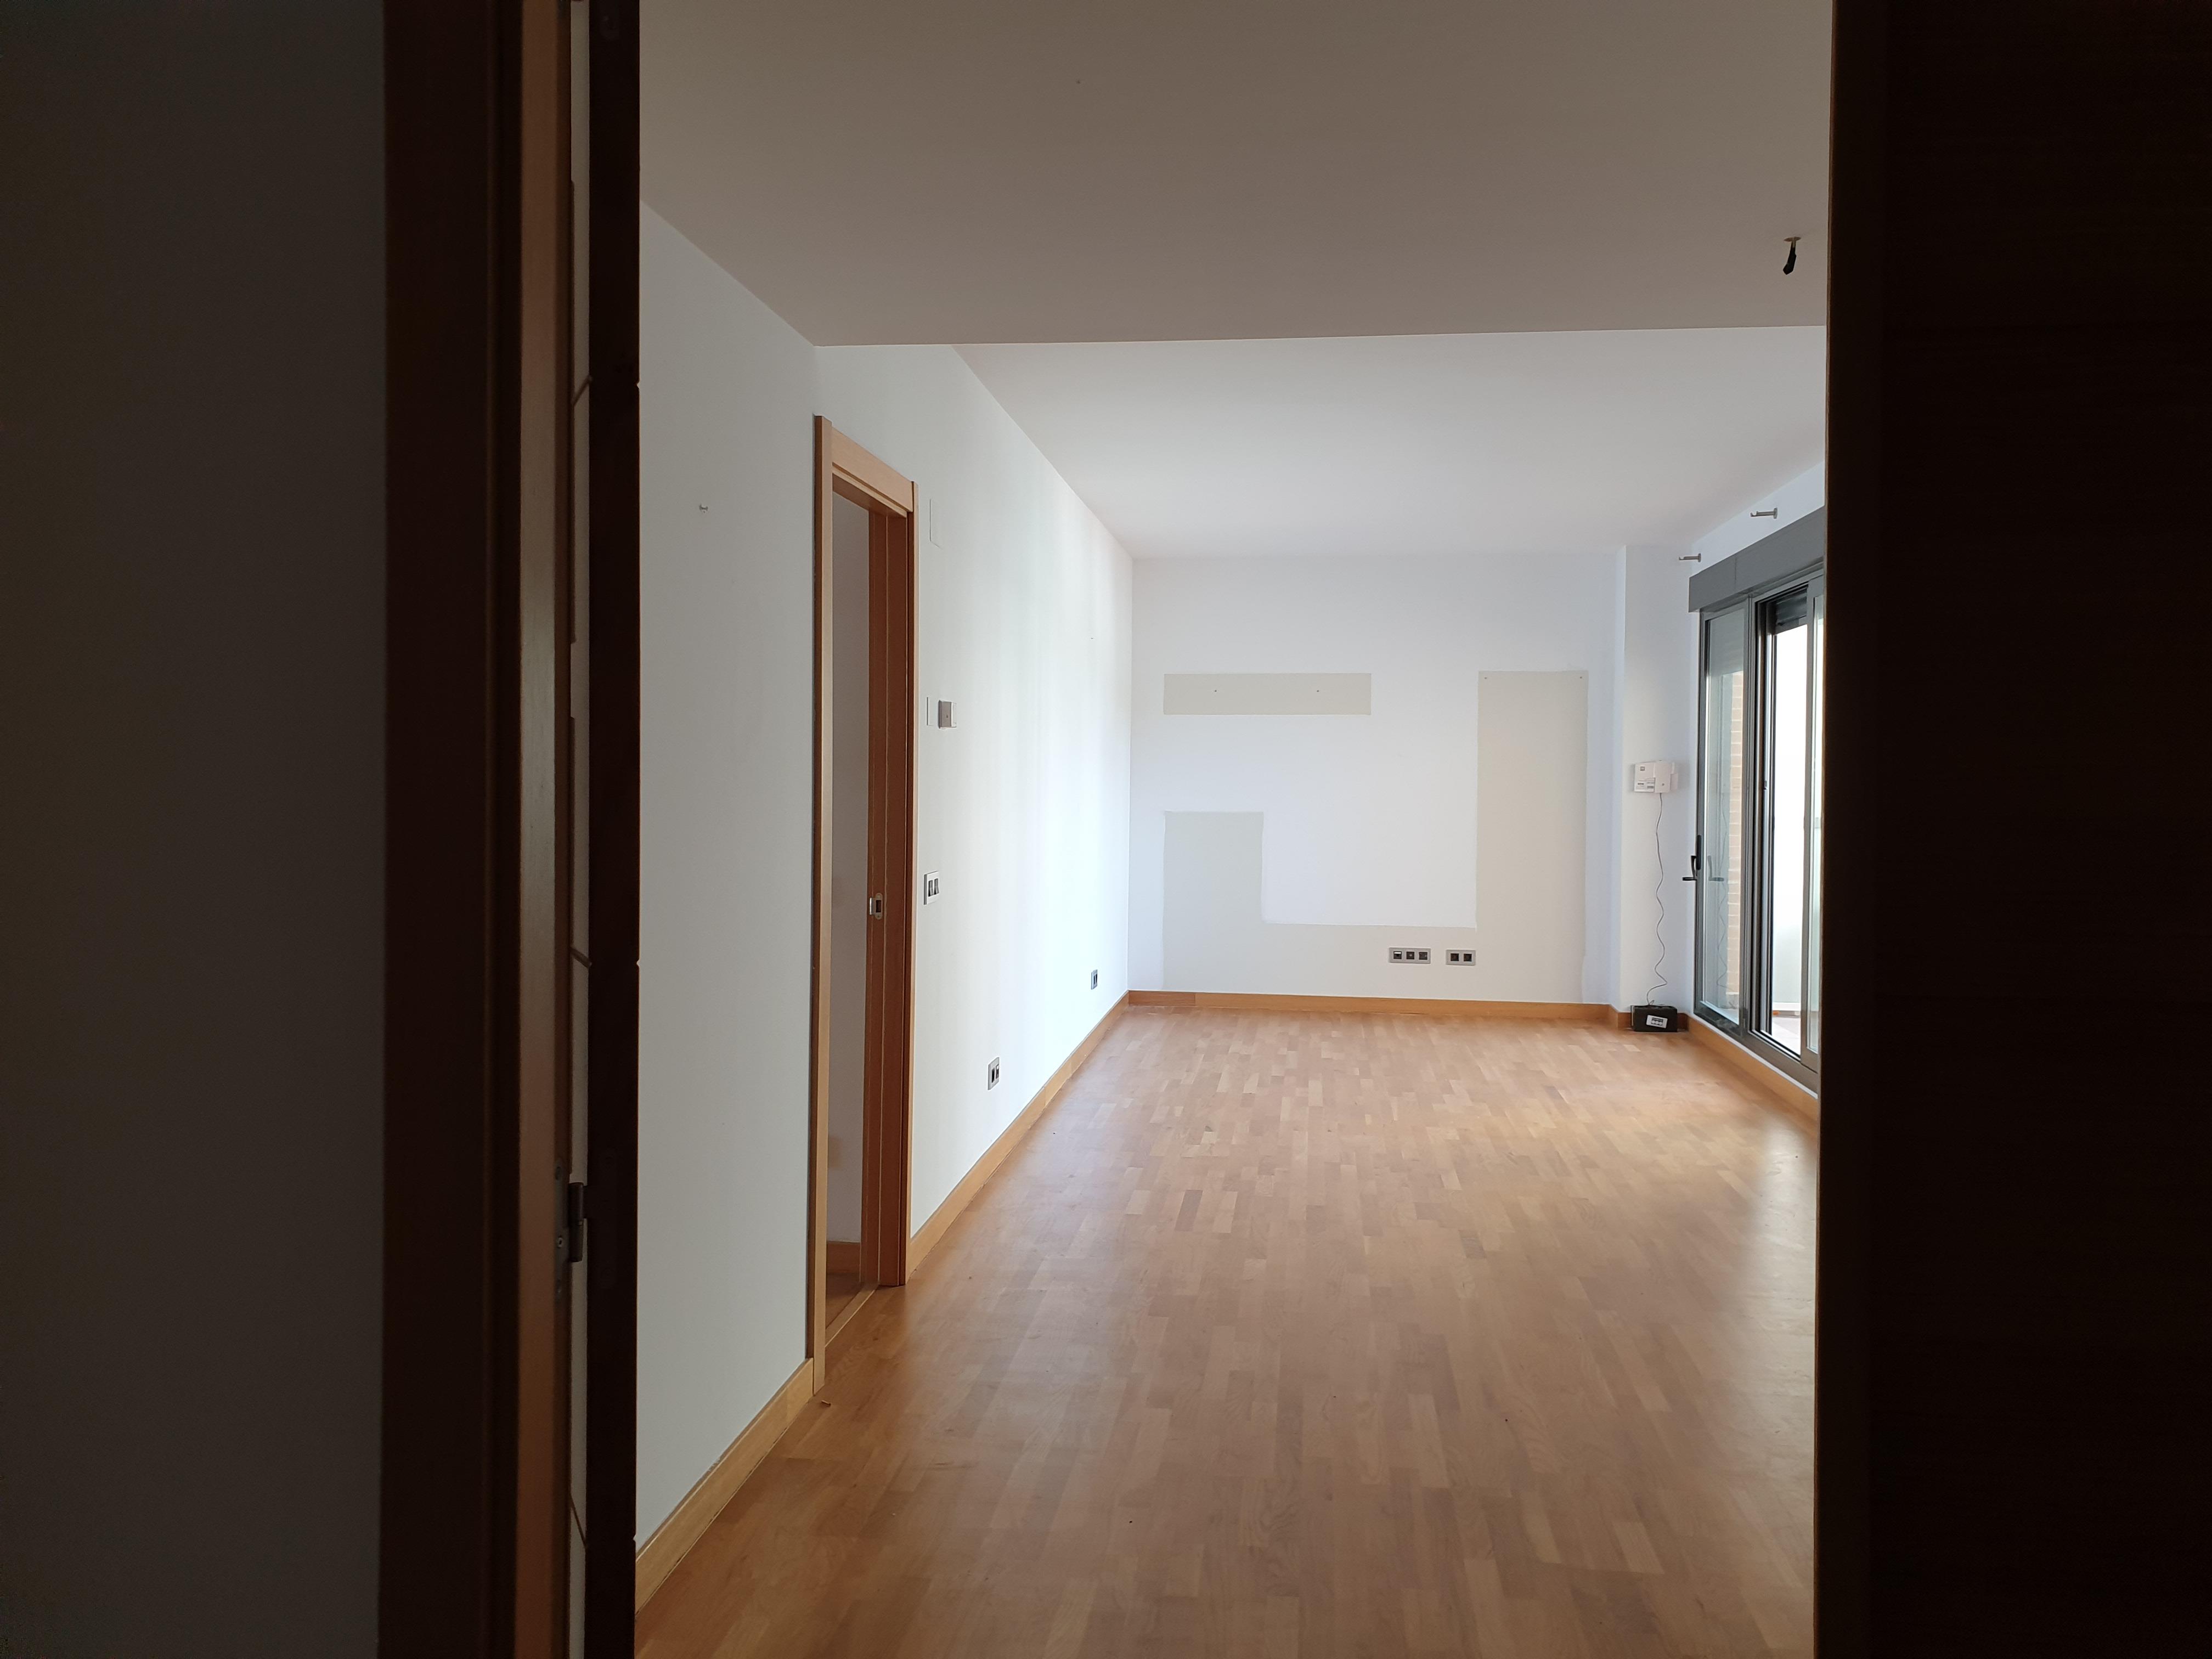 """Magnifica vivienda en amplia urbanización privada <span class=""""calle"""">Calle Ibon de Astun</span>"""